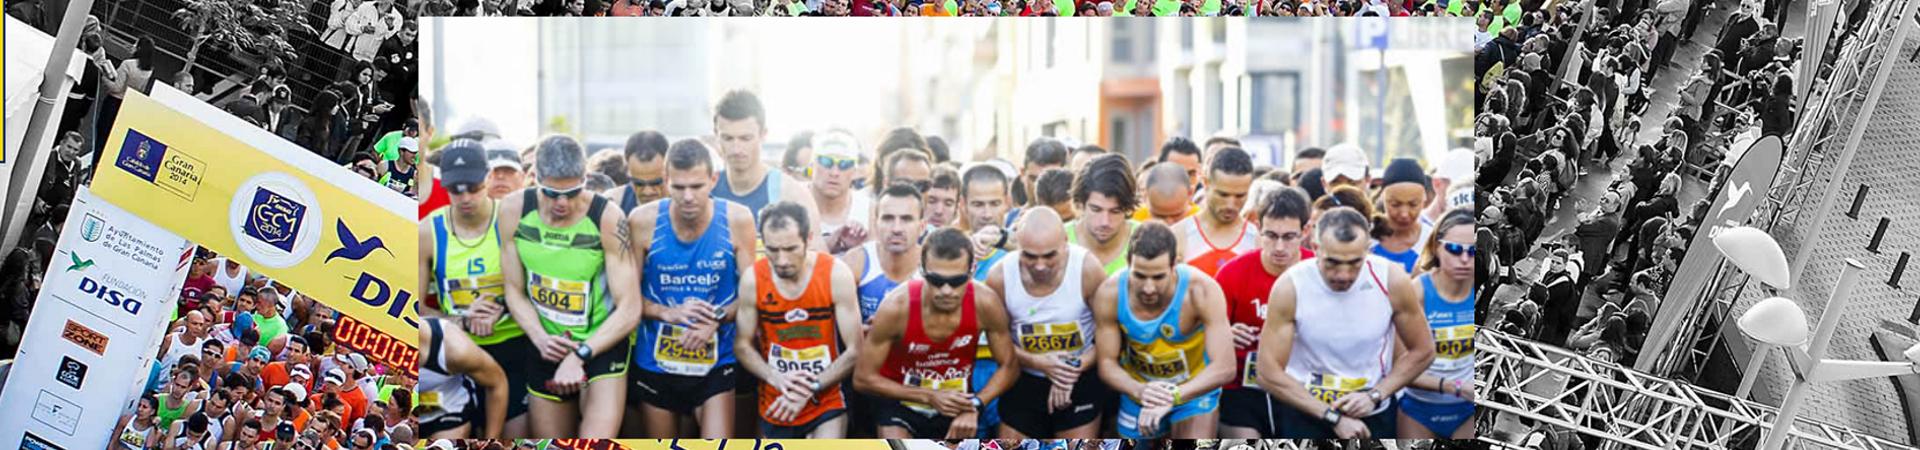 cabeceramaraton15